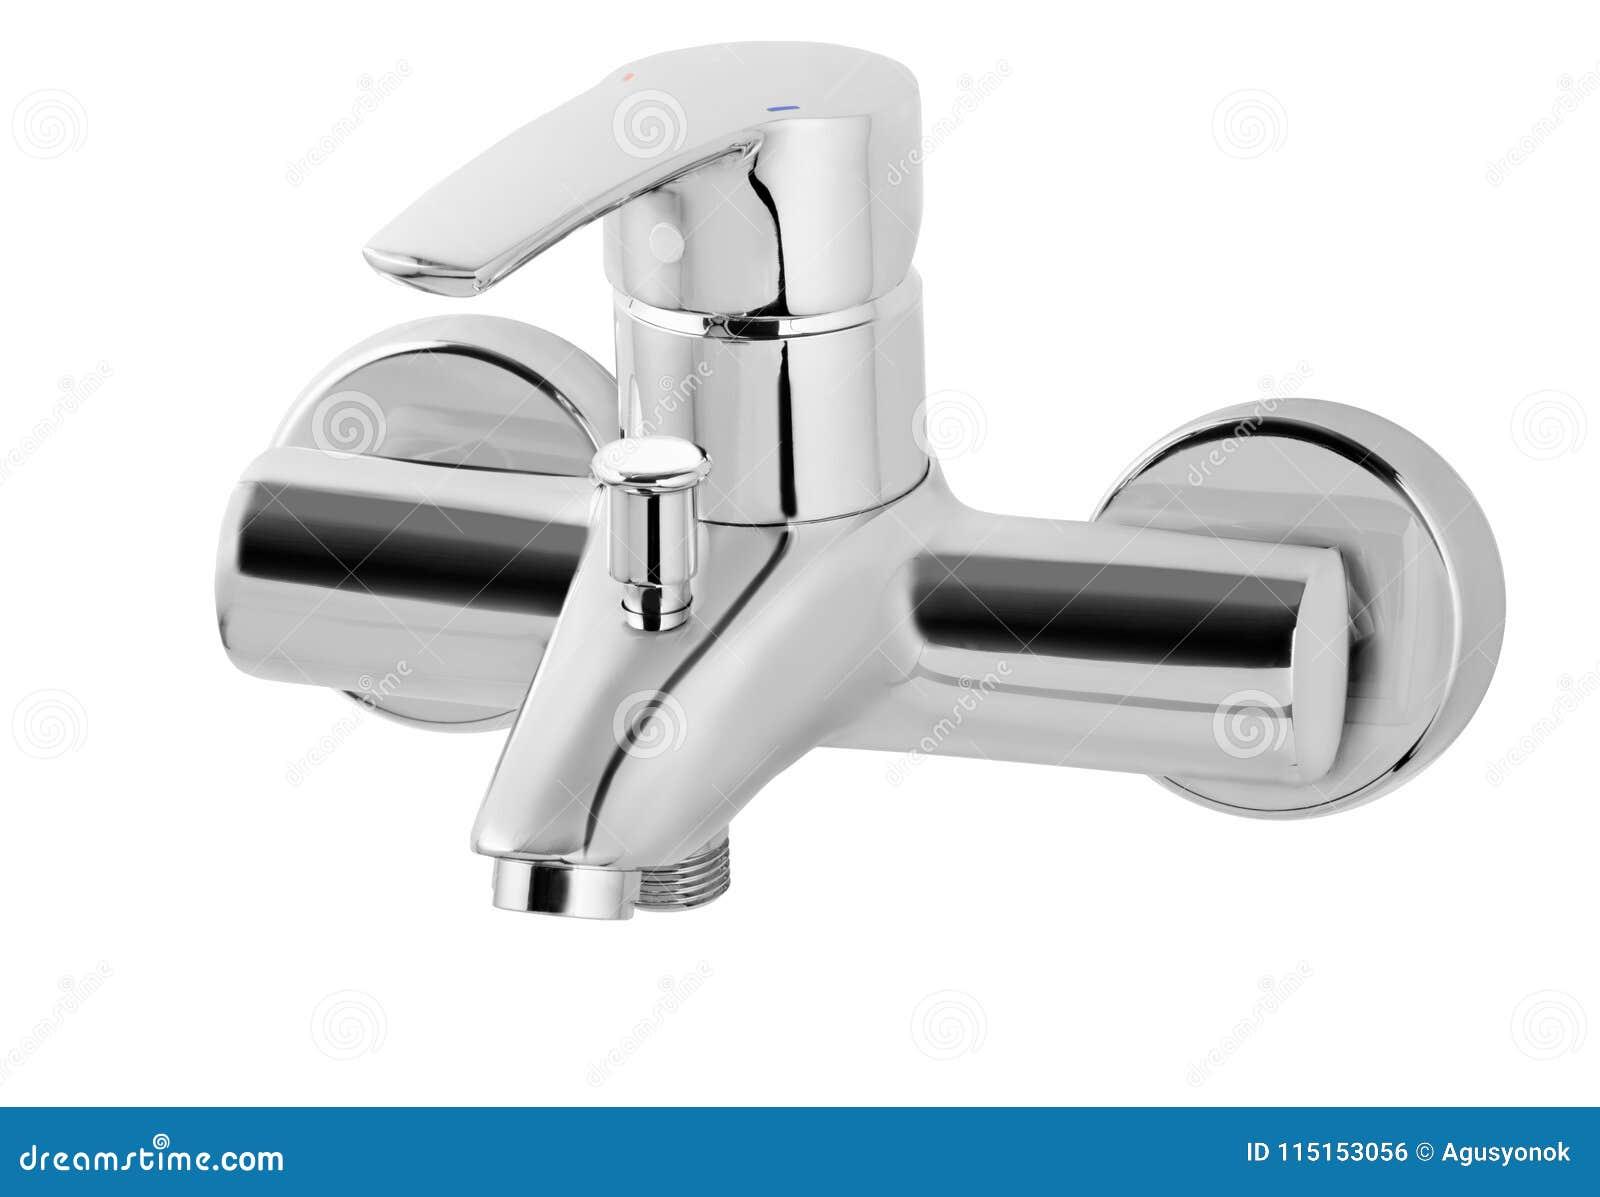 Rubinetto di acqua rubinetto per il bagno acqua calda - Acqua calda per andare in bagno ...